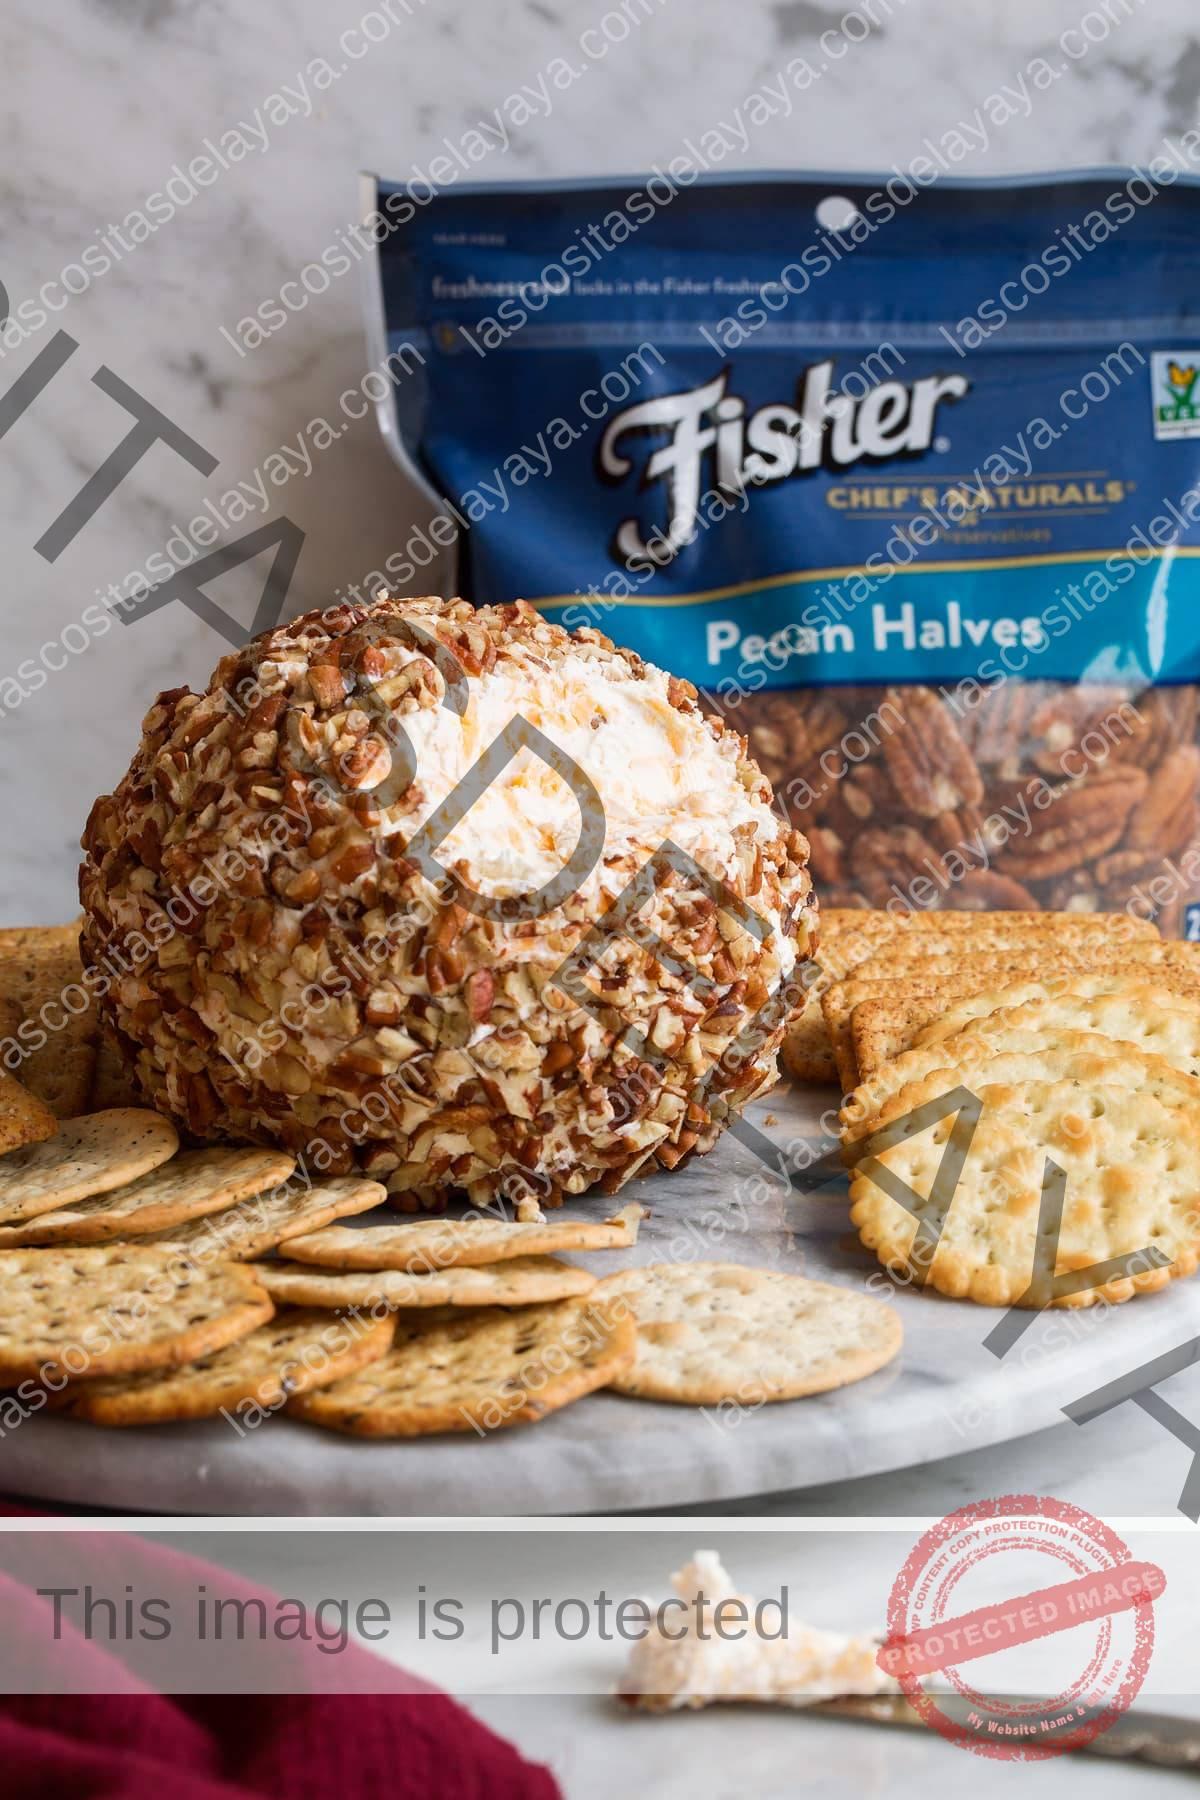 Bola de queso en un plato para servir con galletas.